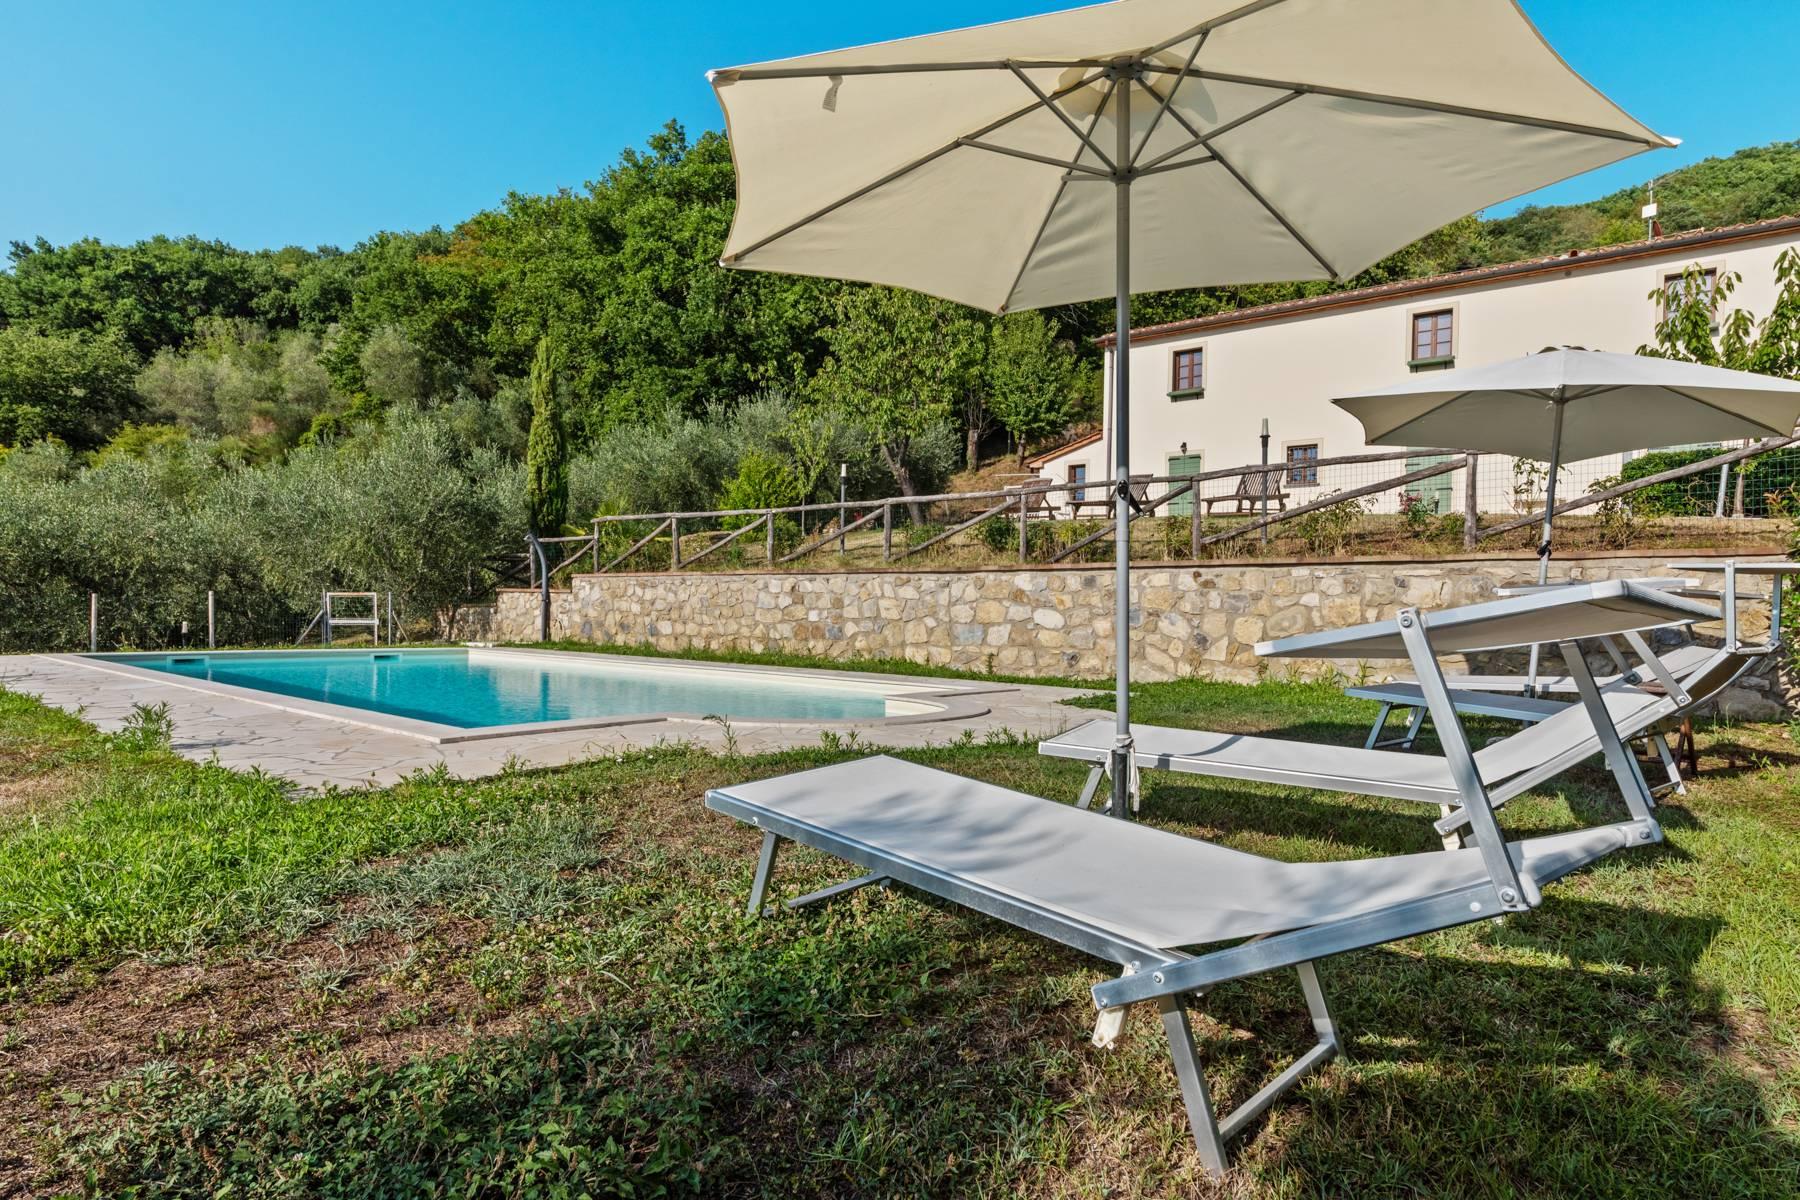 Rustico in Vendita a Monsummano Terme: 5 locali, 380 mq - Foto 2